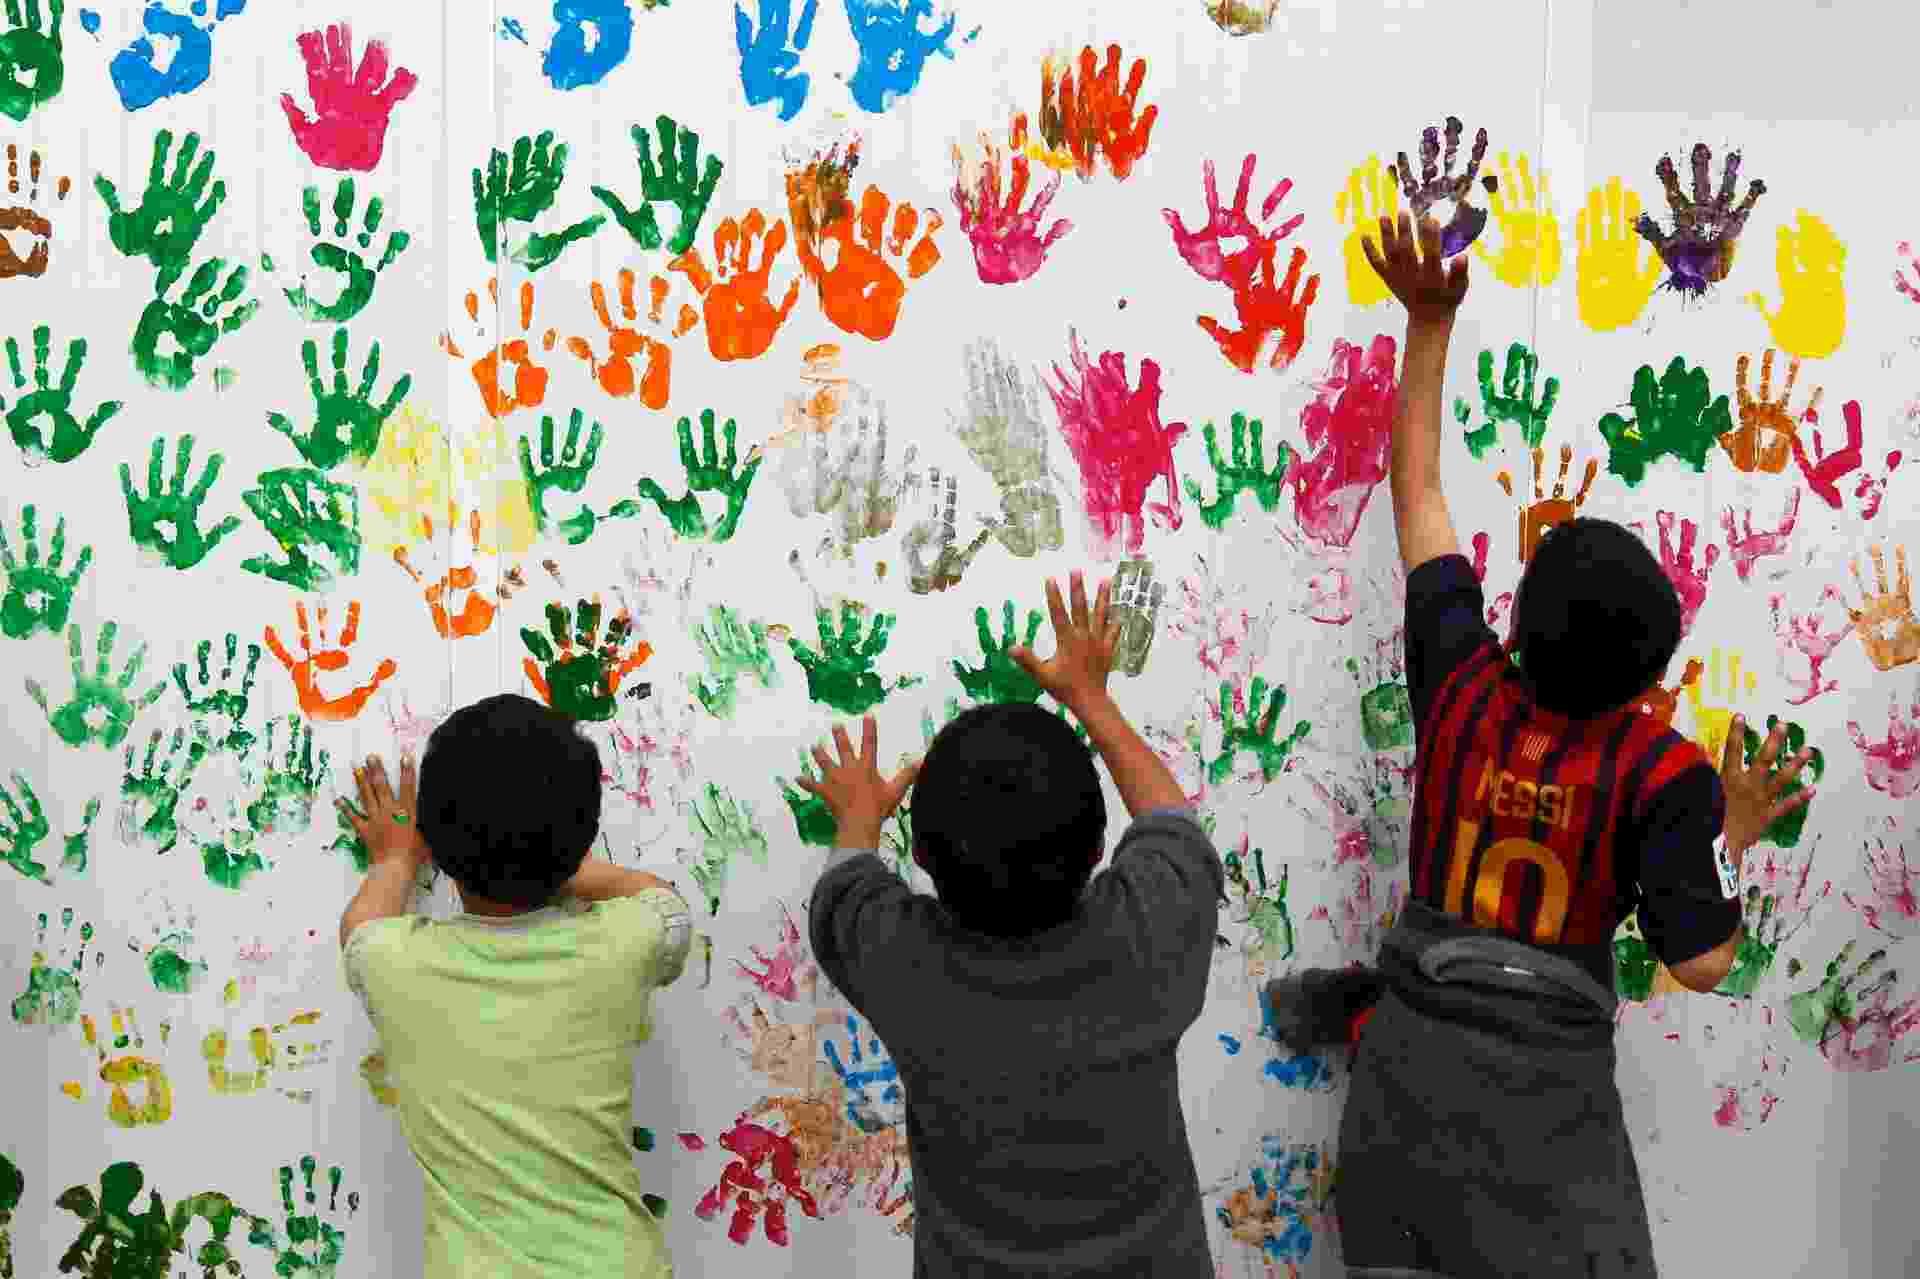 19.mar.2014 - Crianças sírias realizam uma atividade de pintura na escola no acampamento de refugiados Al Zaatari na cidade jordaniana de Mafraq - Reuters/Muhammad Hamed